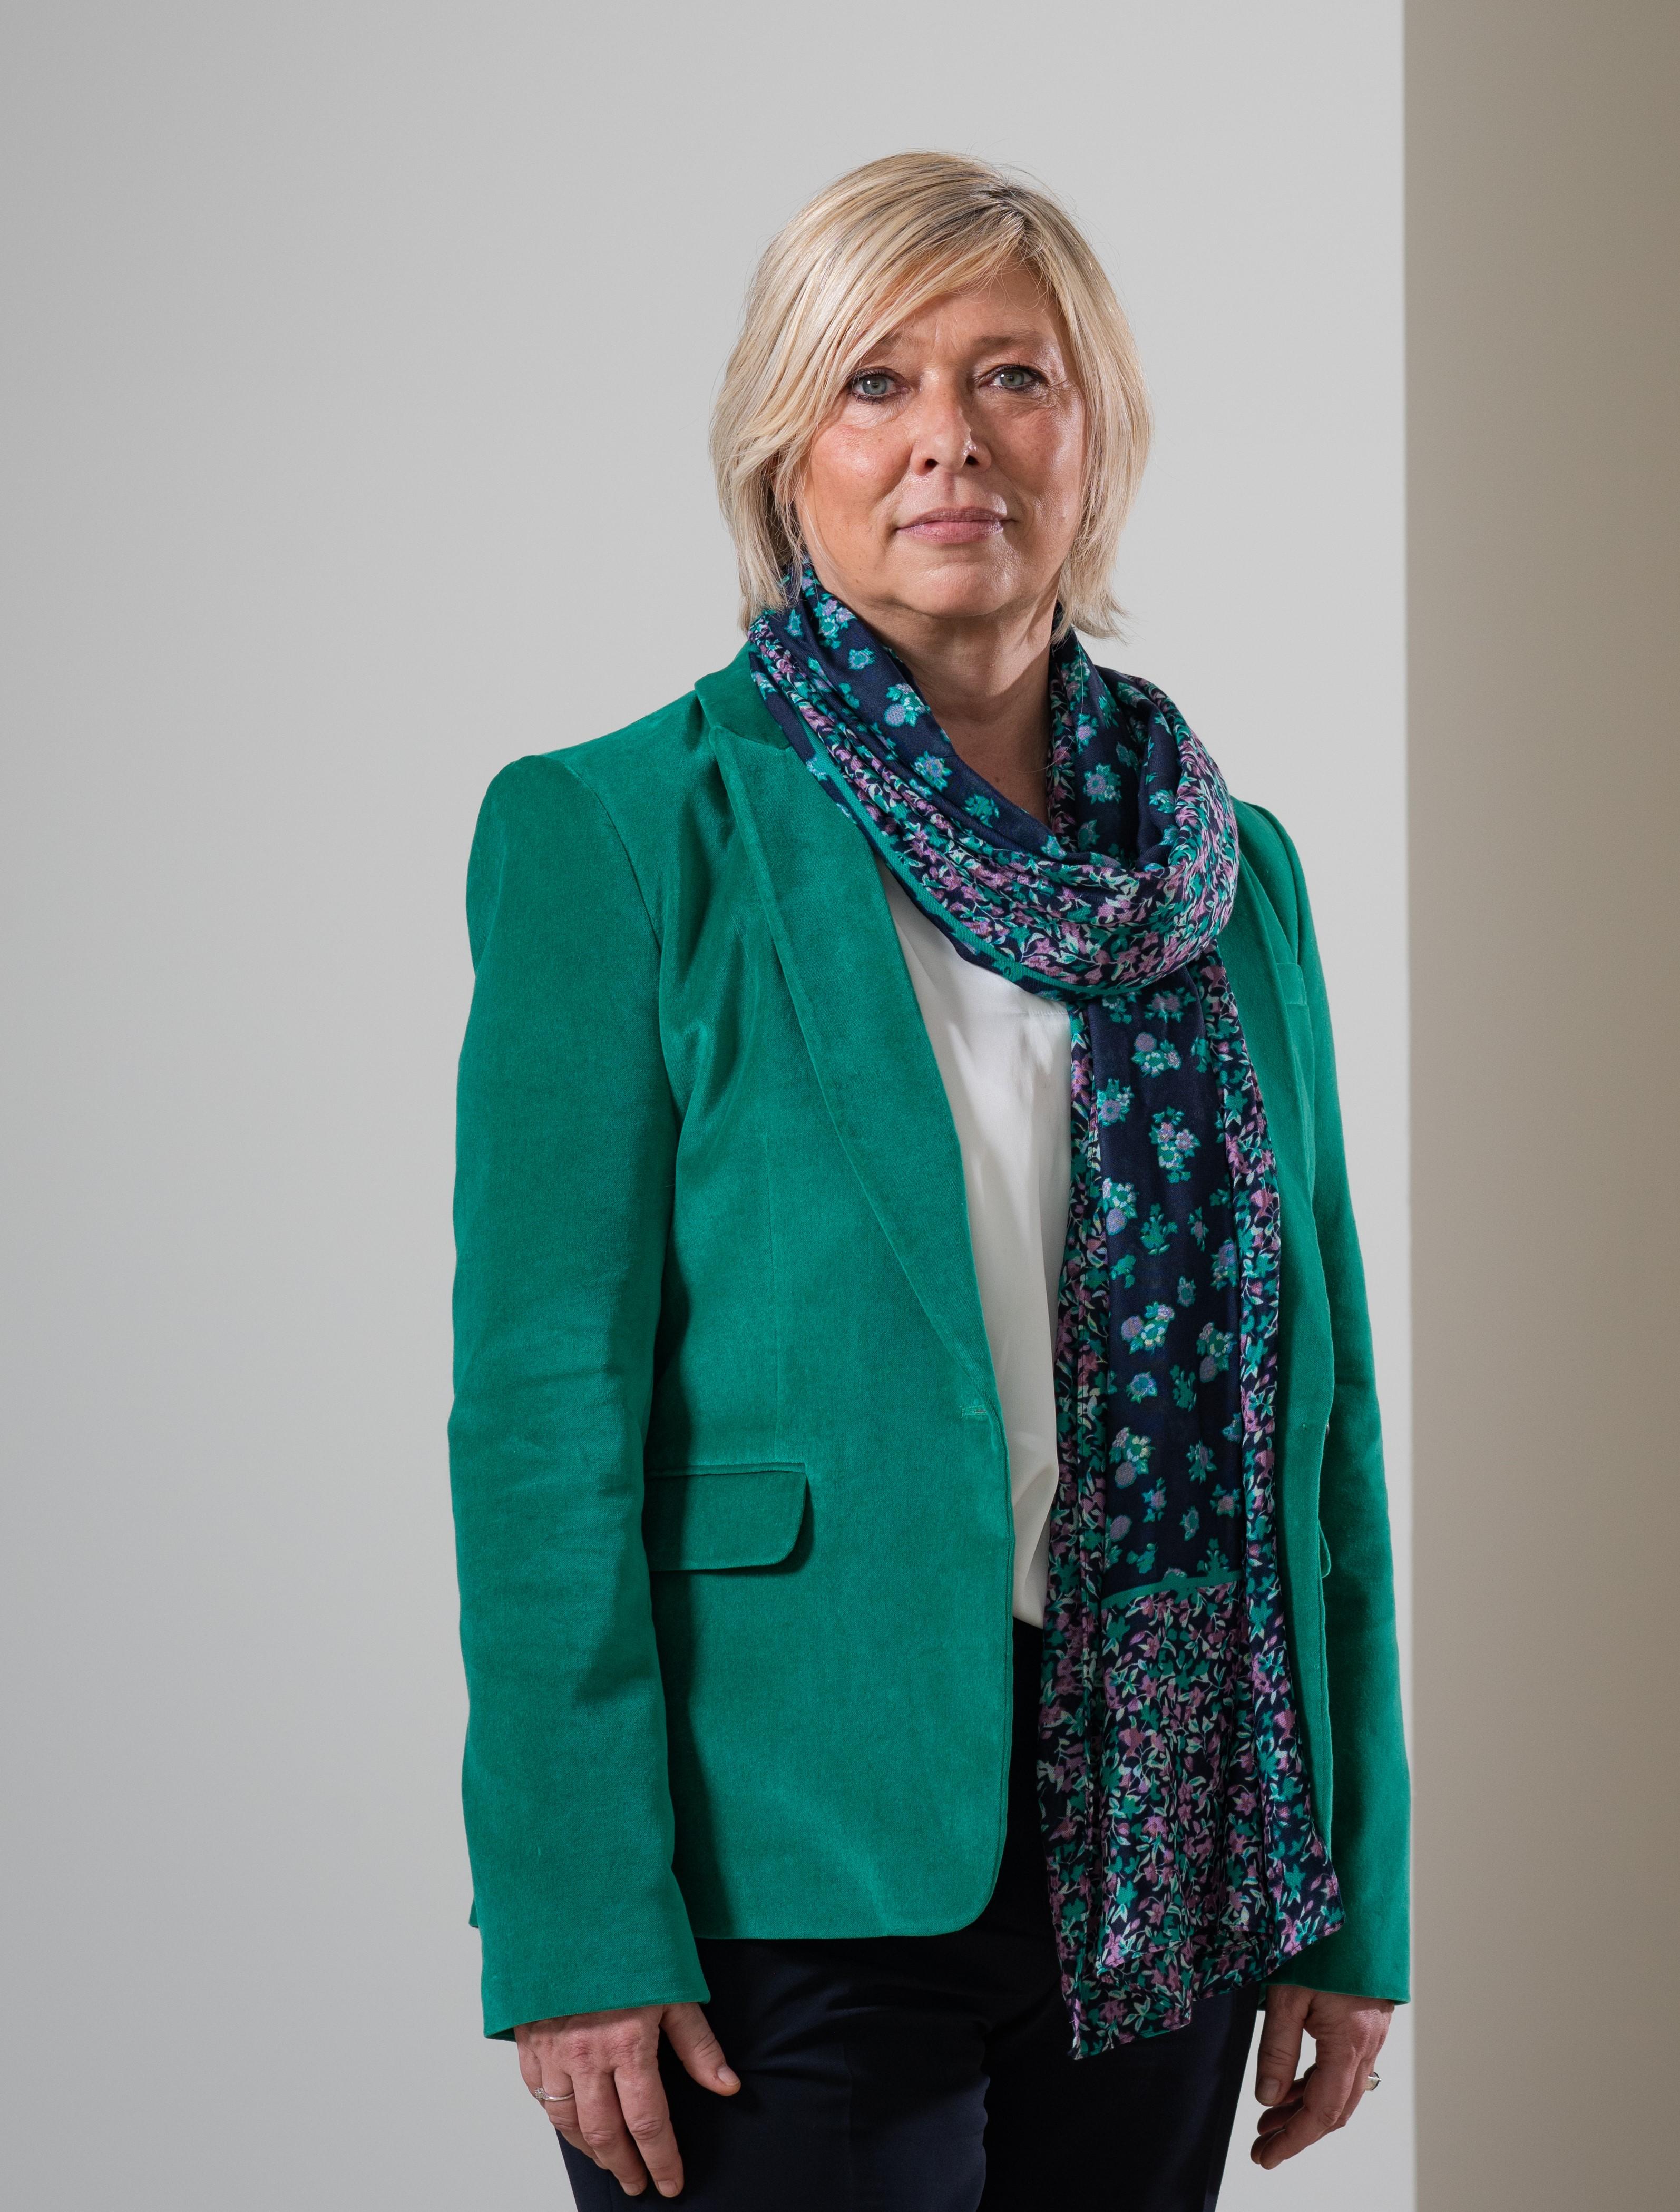 Sylvie Meyer - Stellvertretende Direktorin